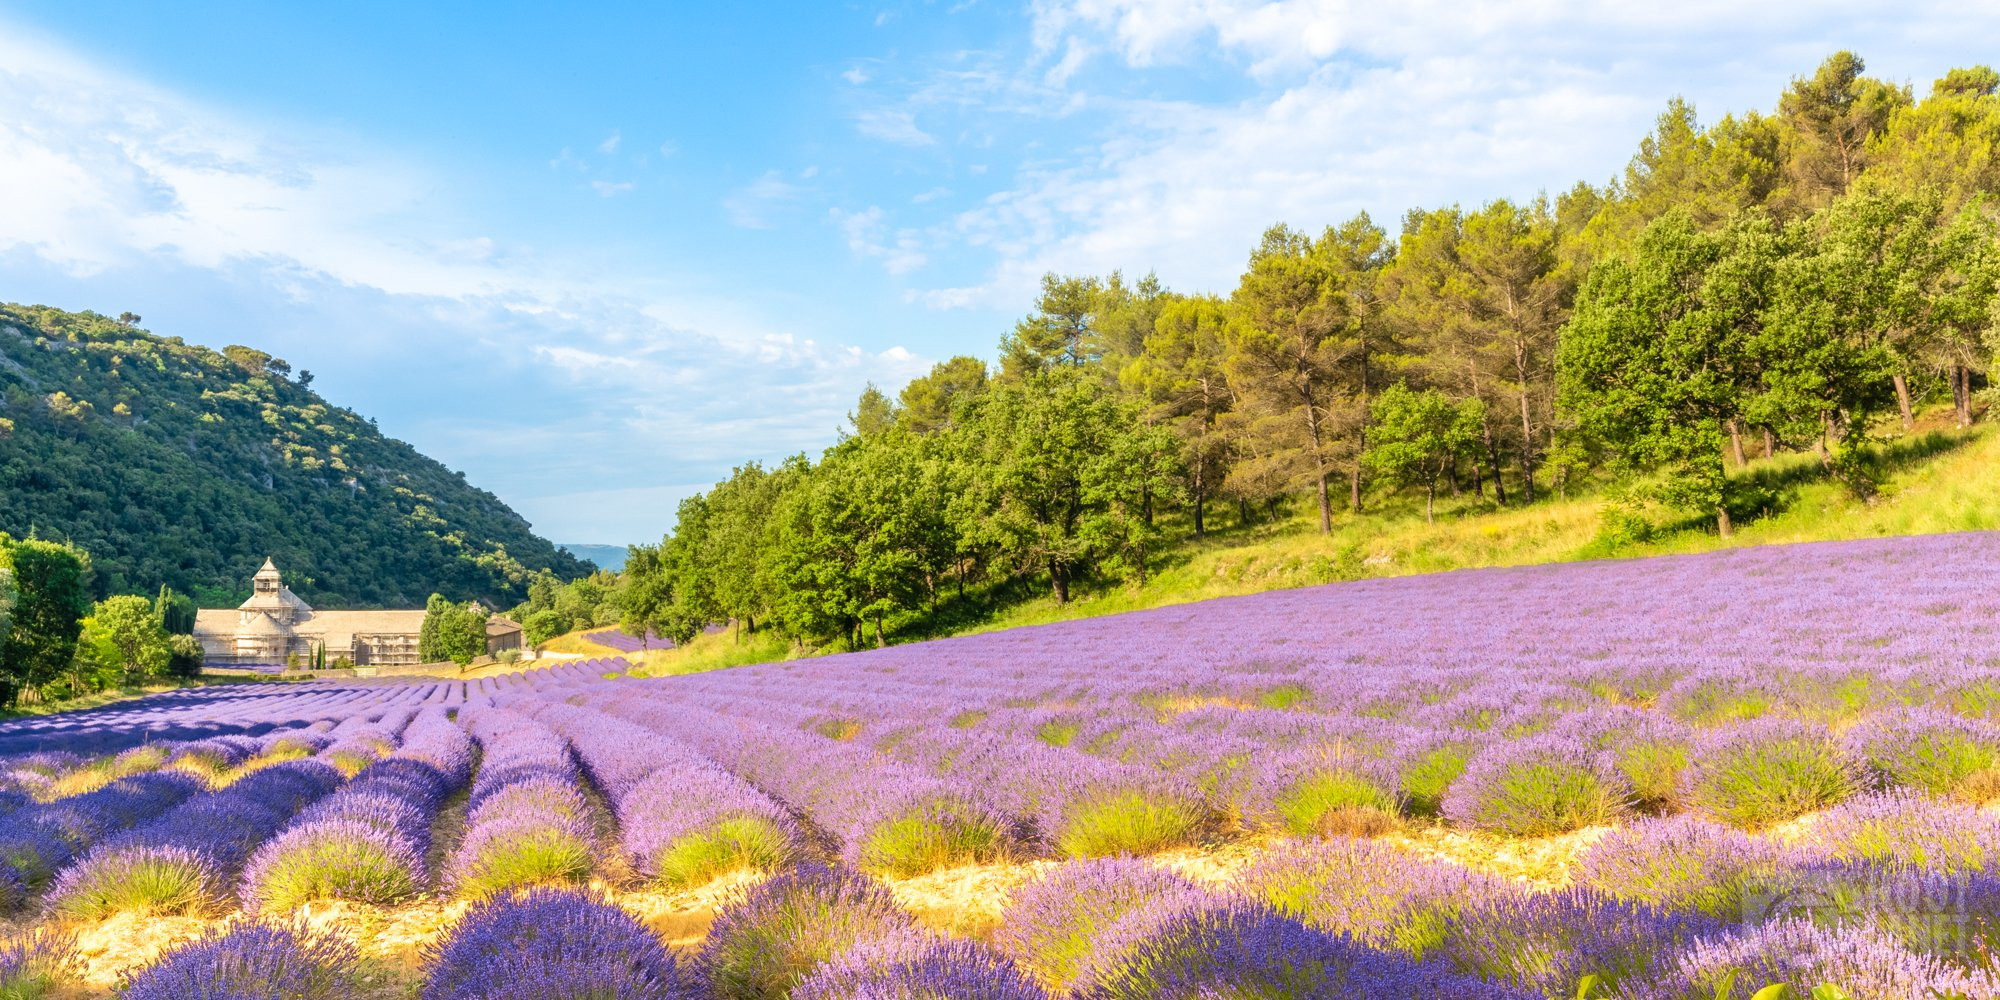 Sénanque Abbey and lavender fields, Vaucluse France